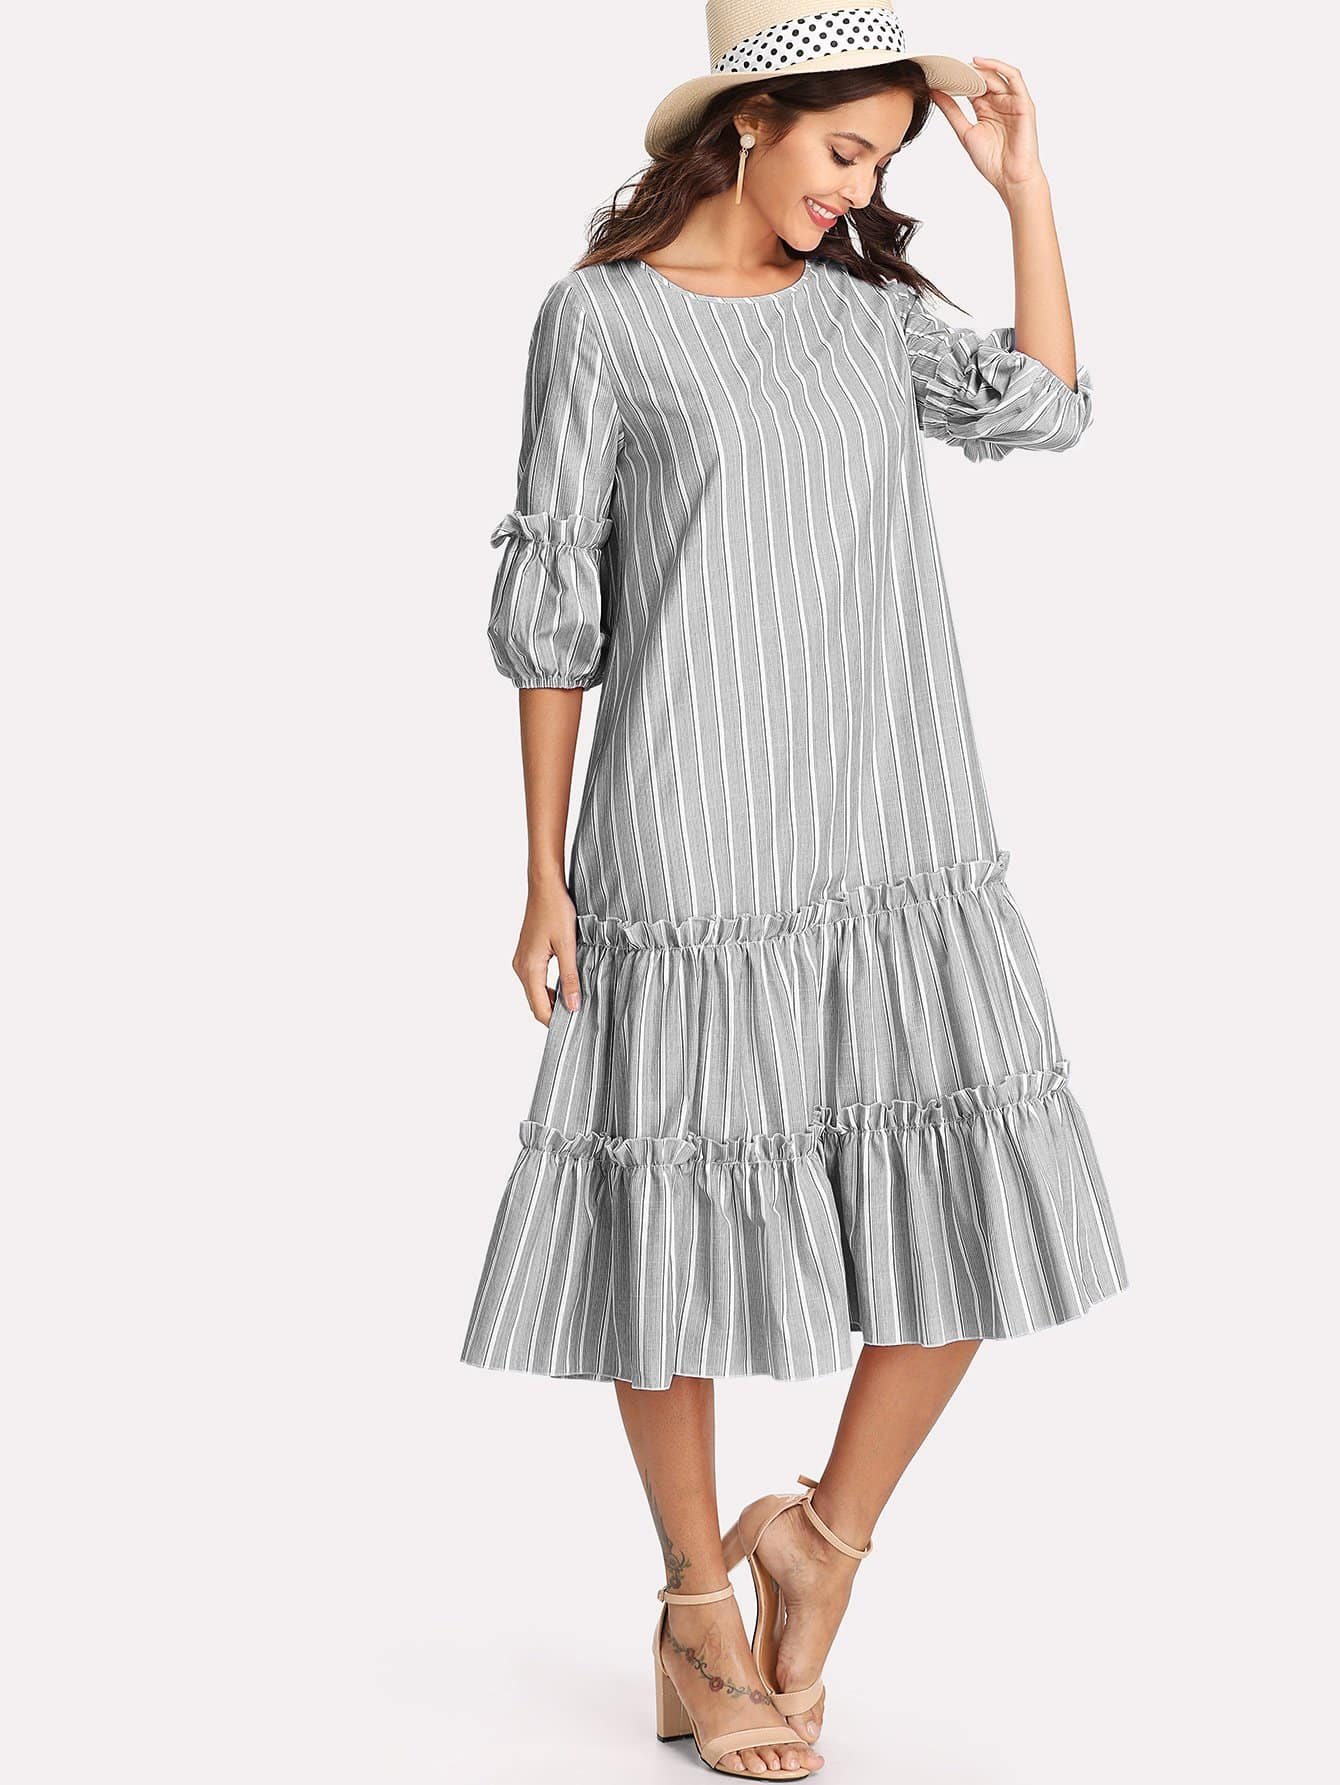 Купить Платье с слоистыми оборками и с фонарными рукавами, Giulia, SheIn